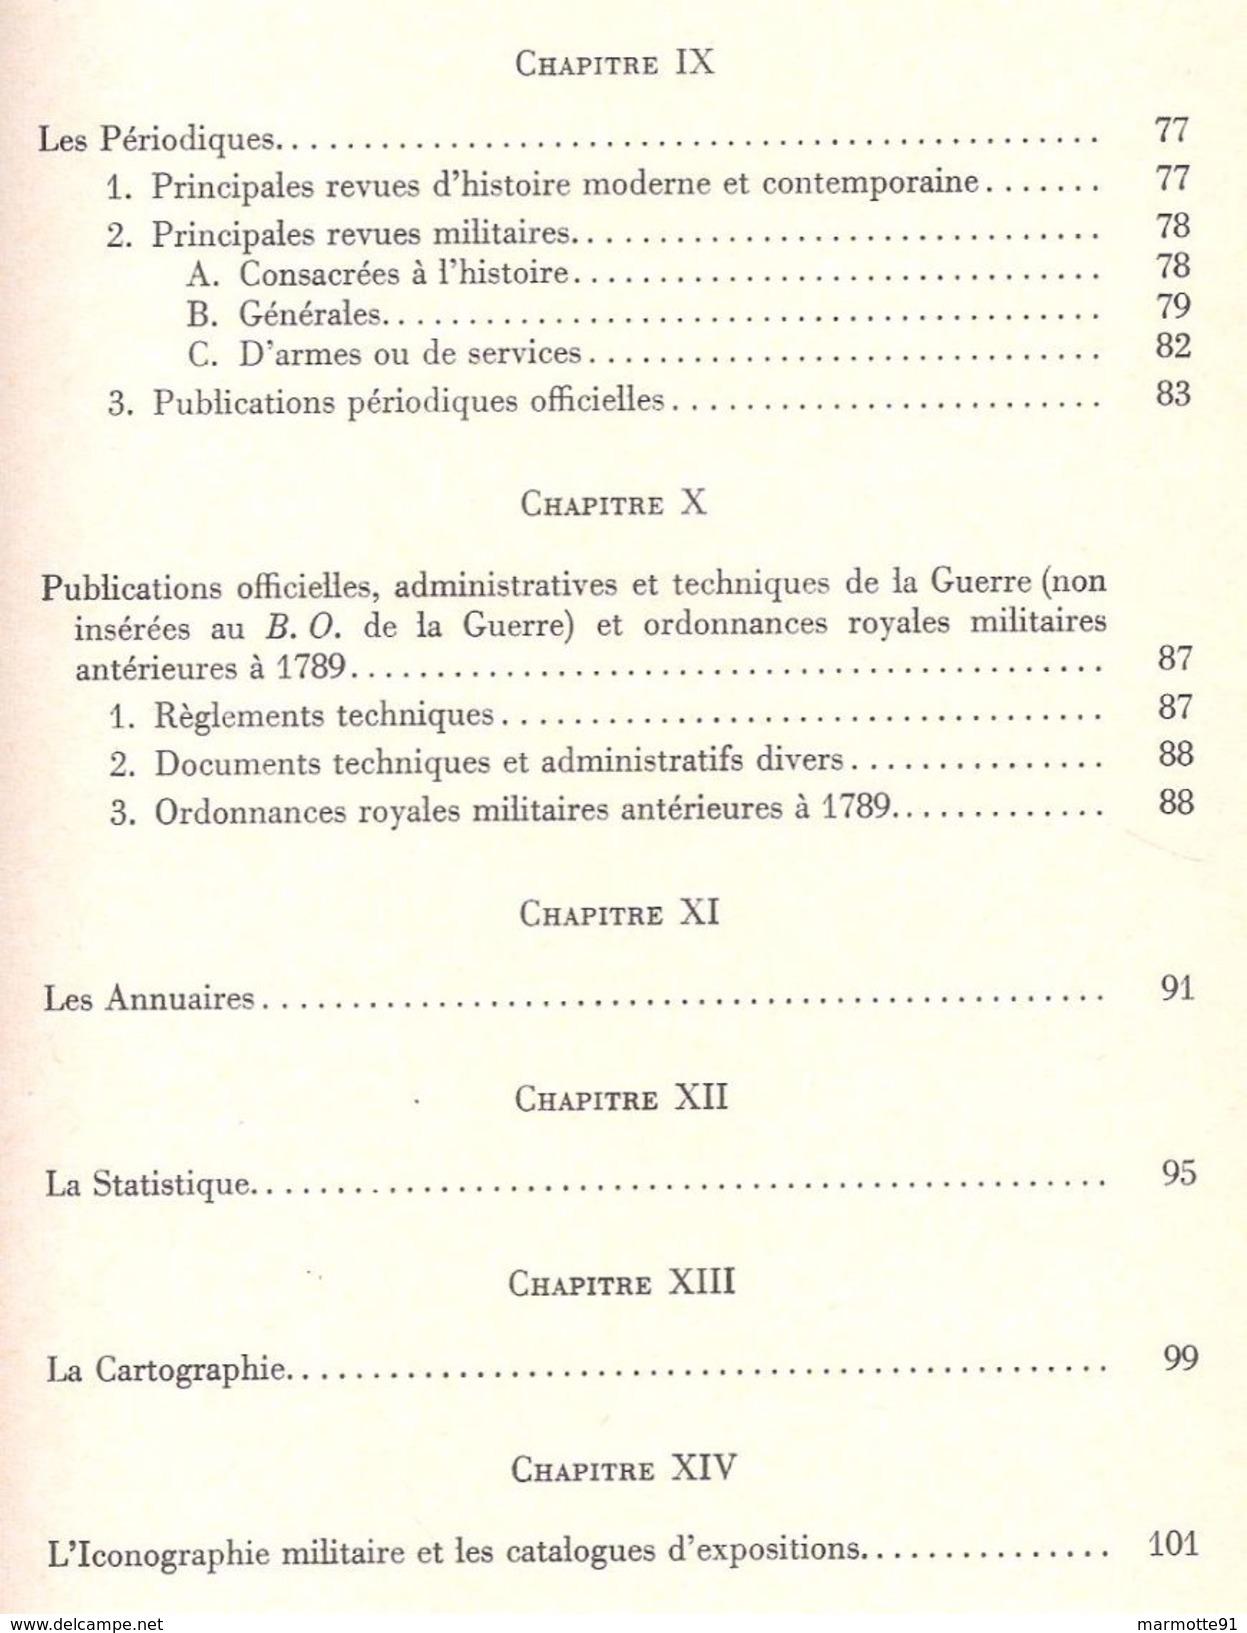 ARMEE FRANCAISE GUIDE BIBLIOGRAPHIQUE SOMMAIRE HISTOIRE MILITAIRE COLONIALE FRANCAISE - Livres